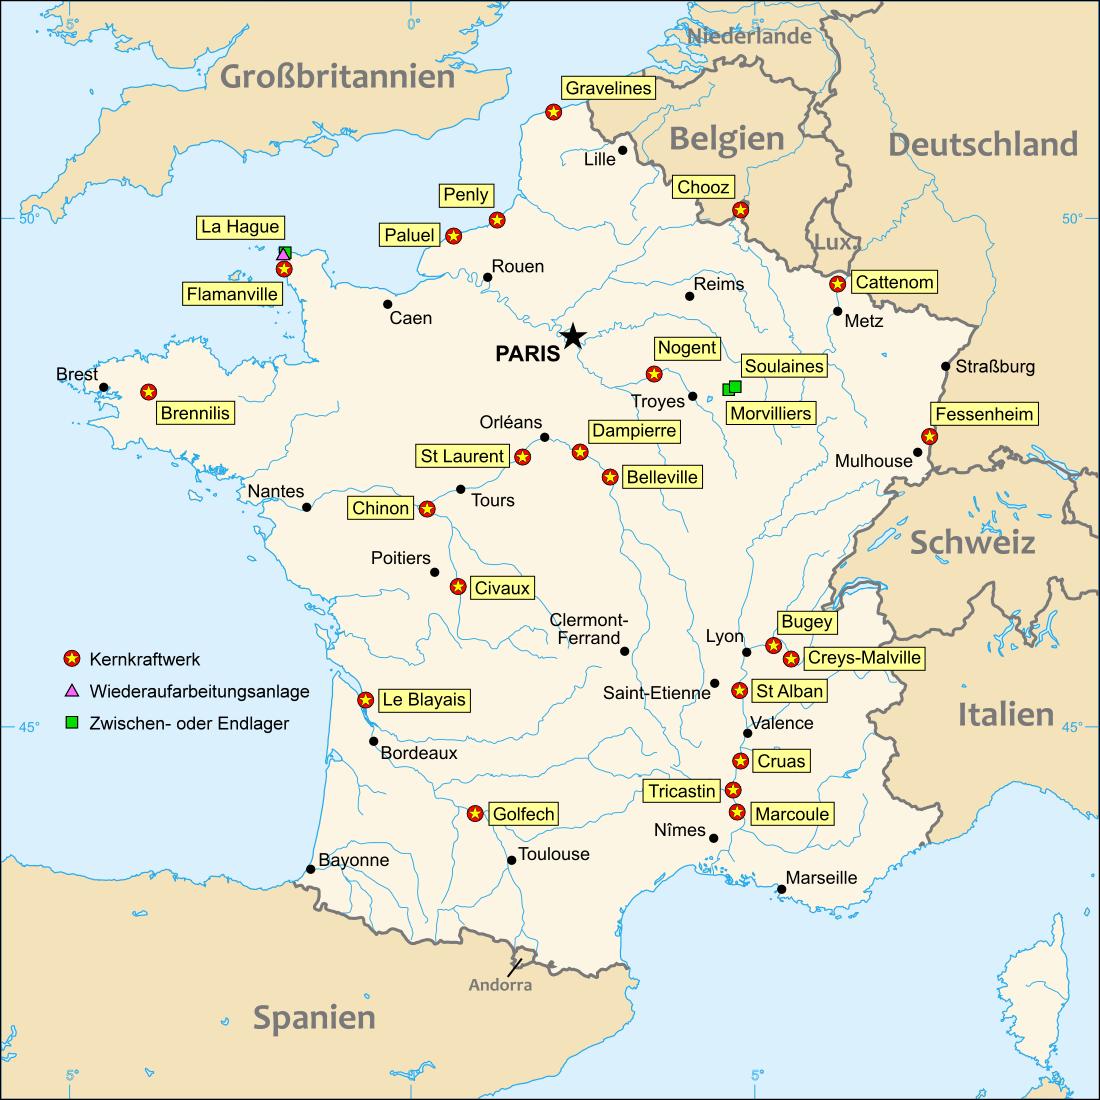 grenze deutschland niederlande karte